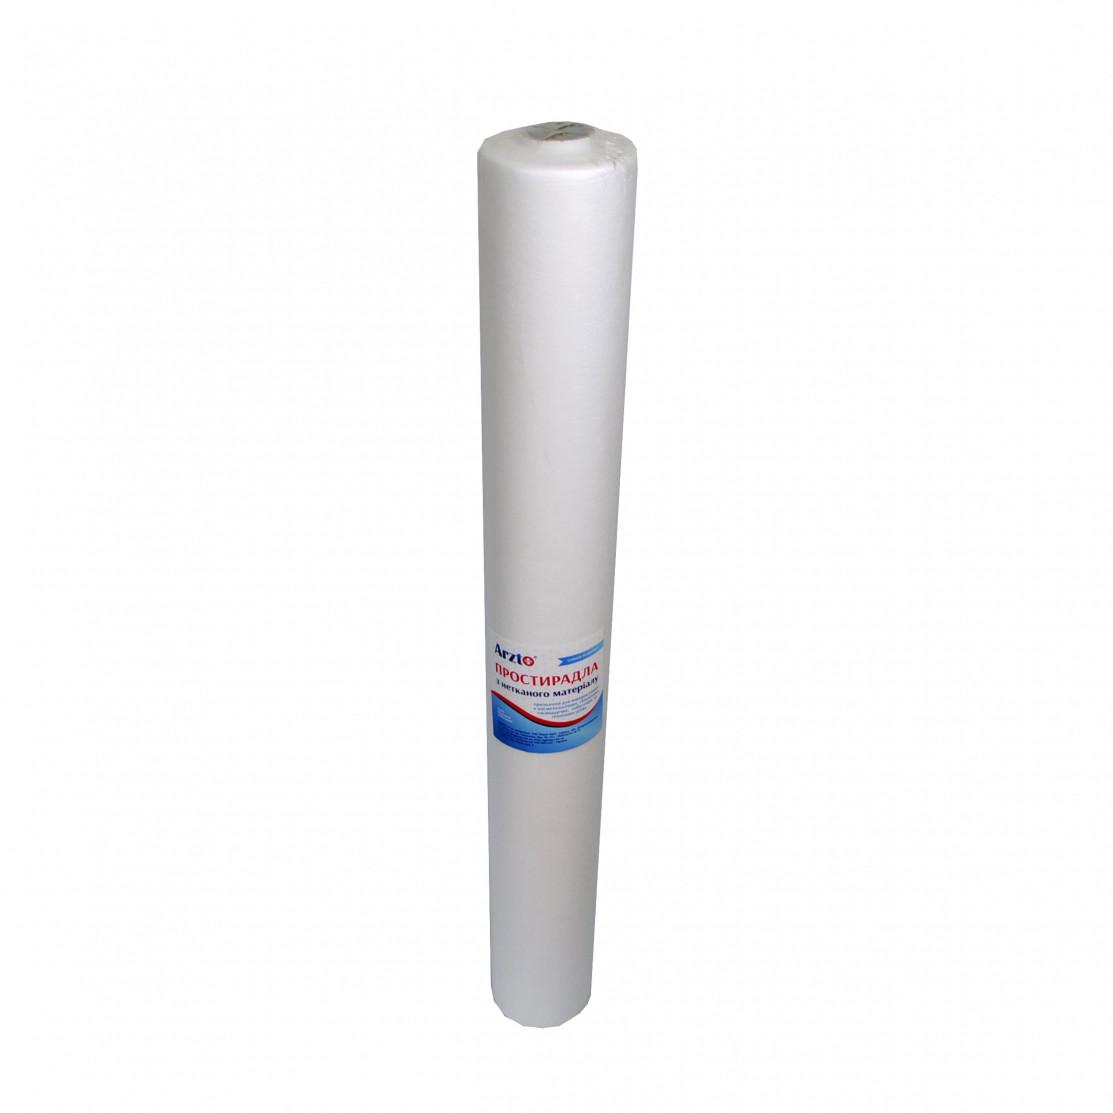 Рулон спанбонд Arzt plus 0,6x100 без перфорации (20 г/м2) белый